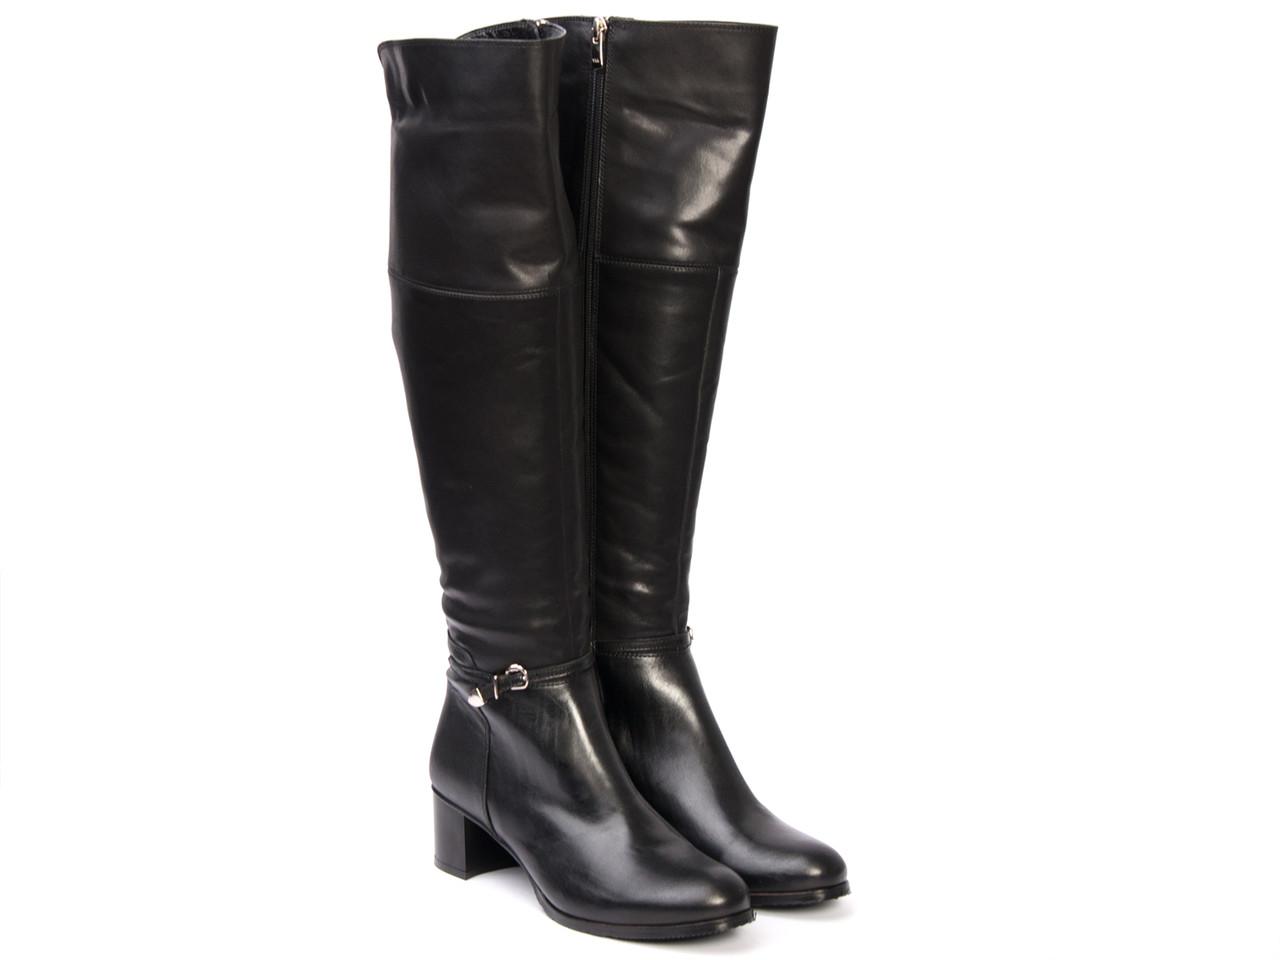 Сапоги Etor 4634-3551 черные